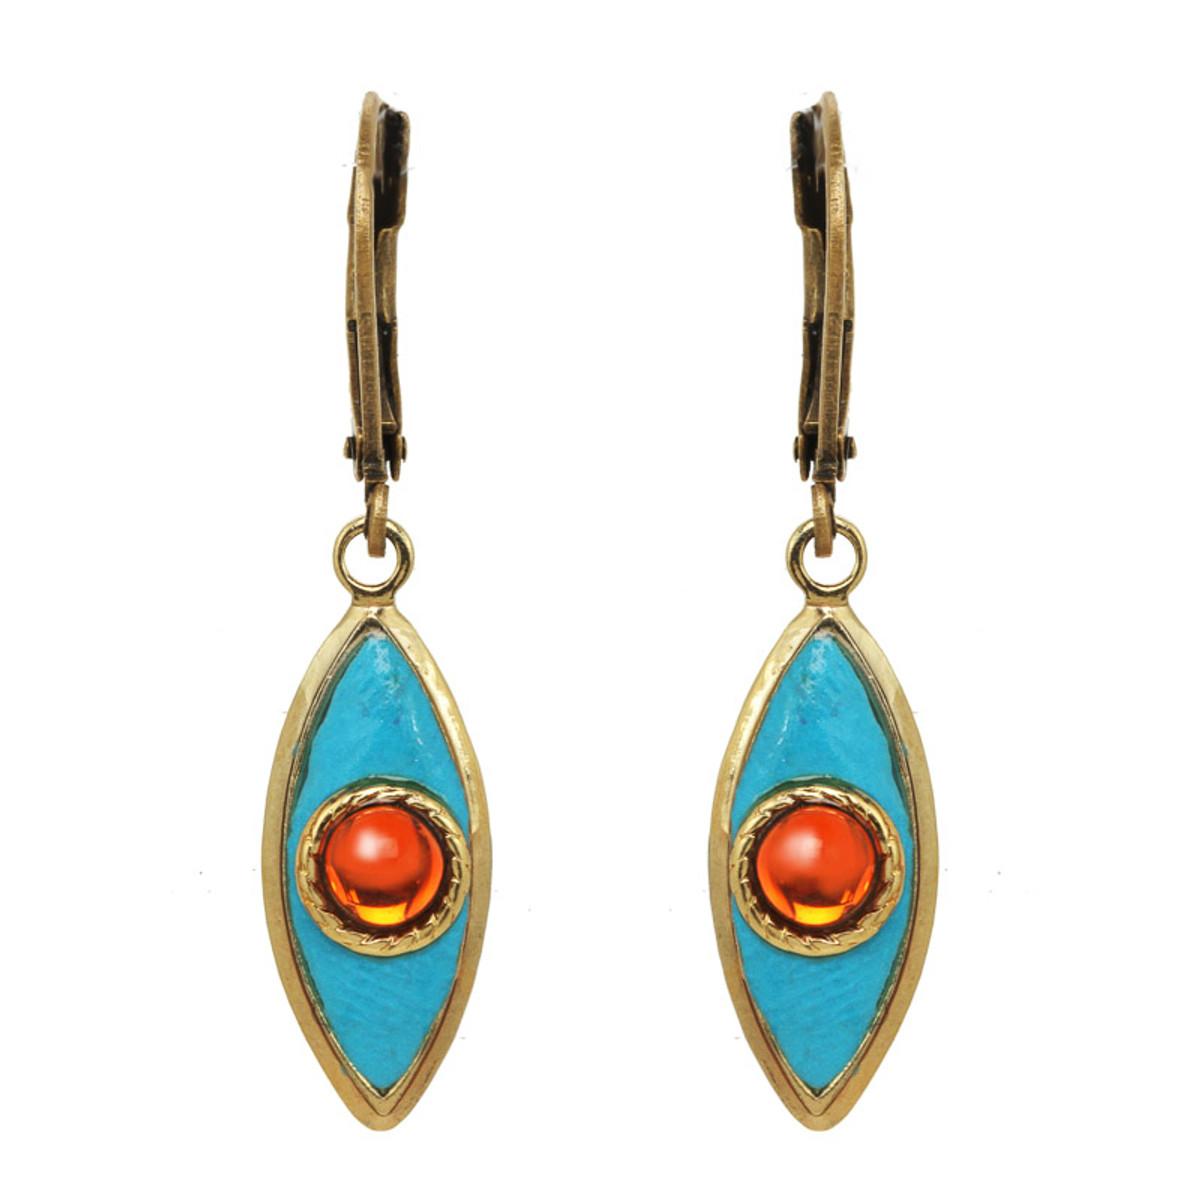 Teal Michal Golan Jewelry Teardrop Leverback Earrings